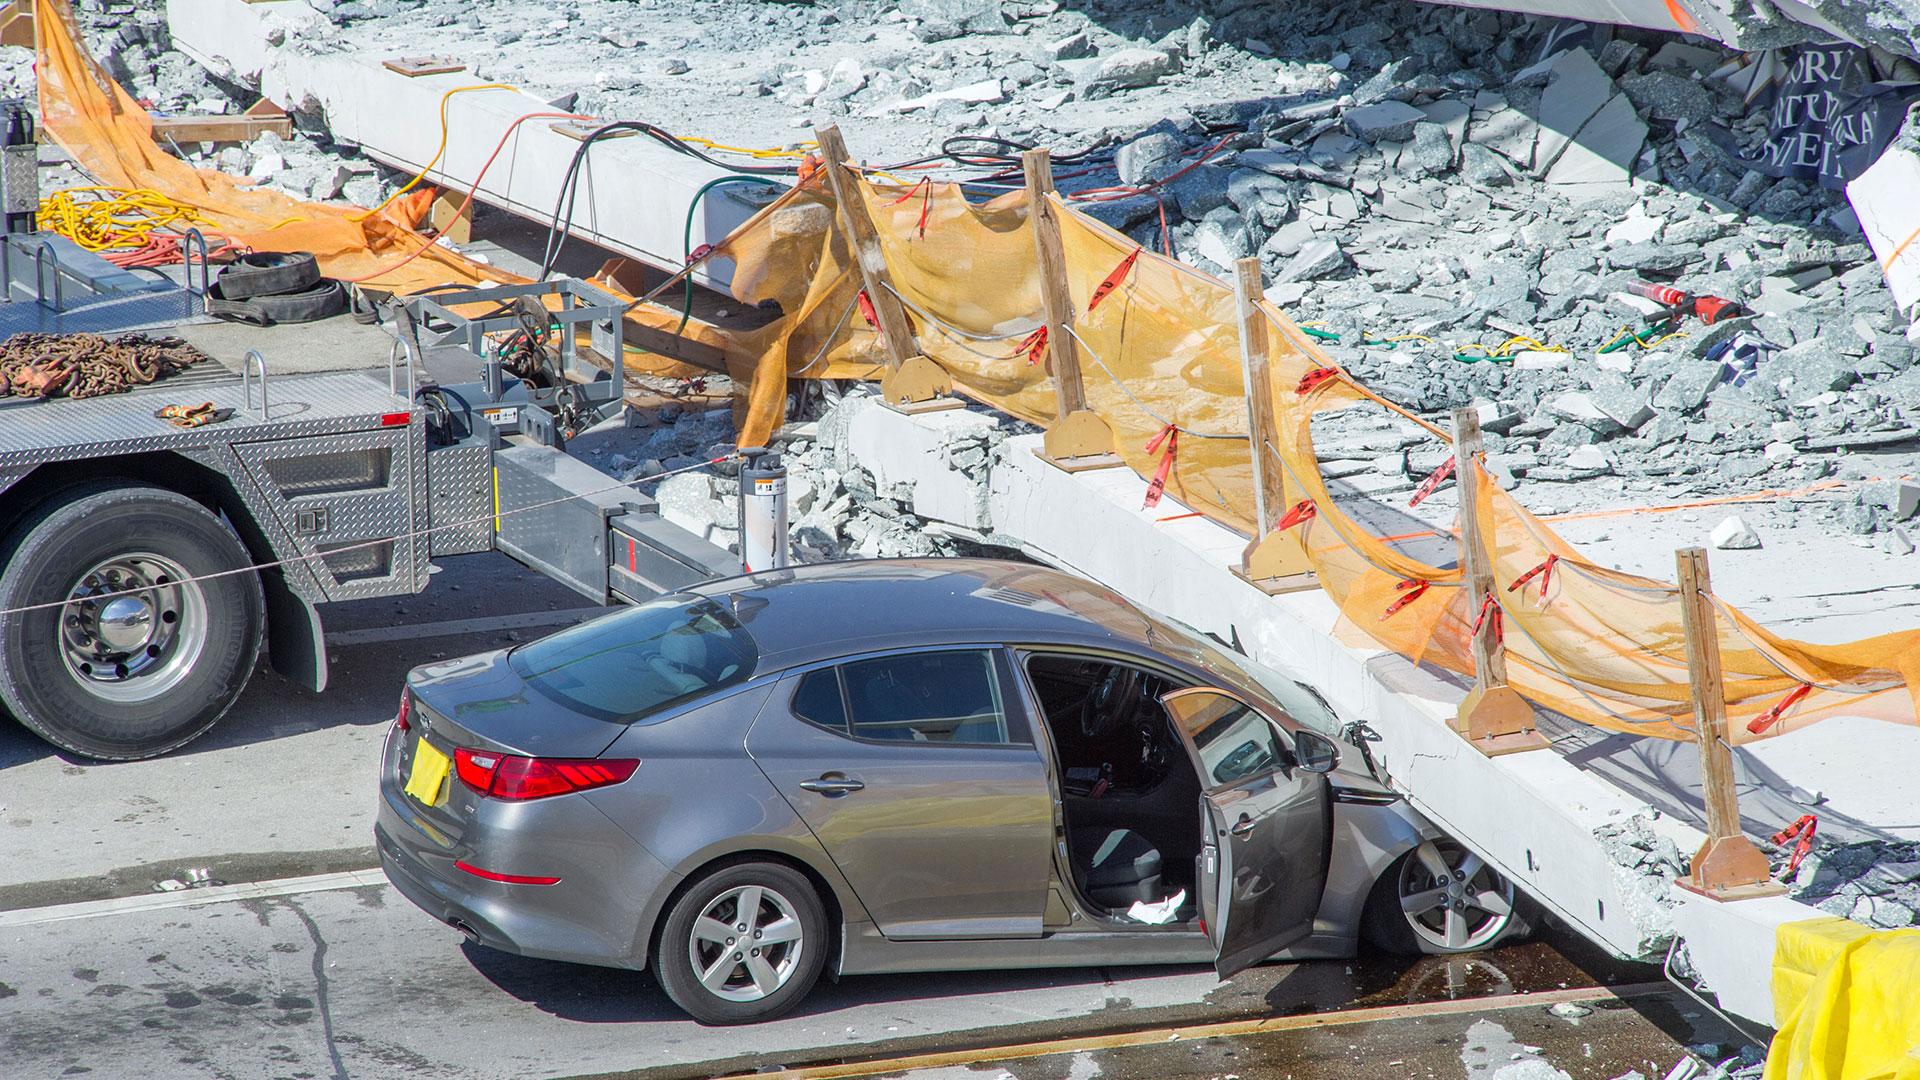 Ocho autos fueron impactados tras el colapso del puente (EFE)